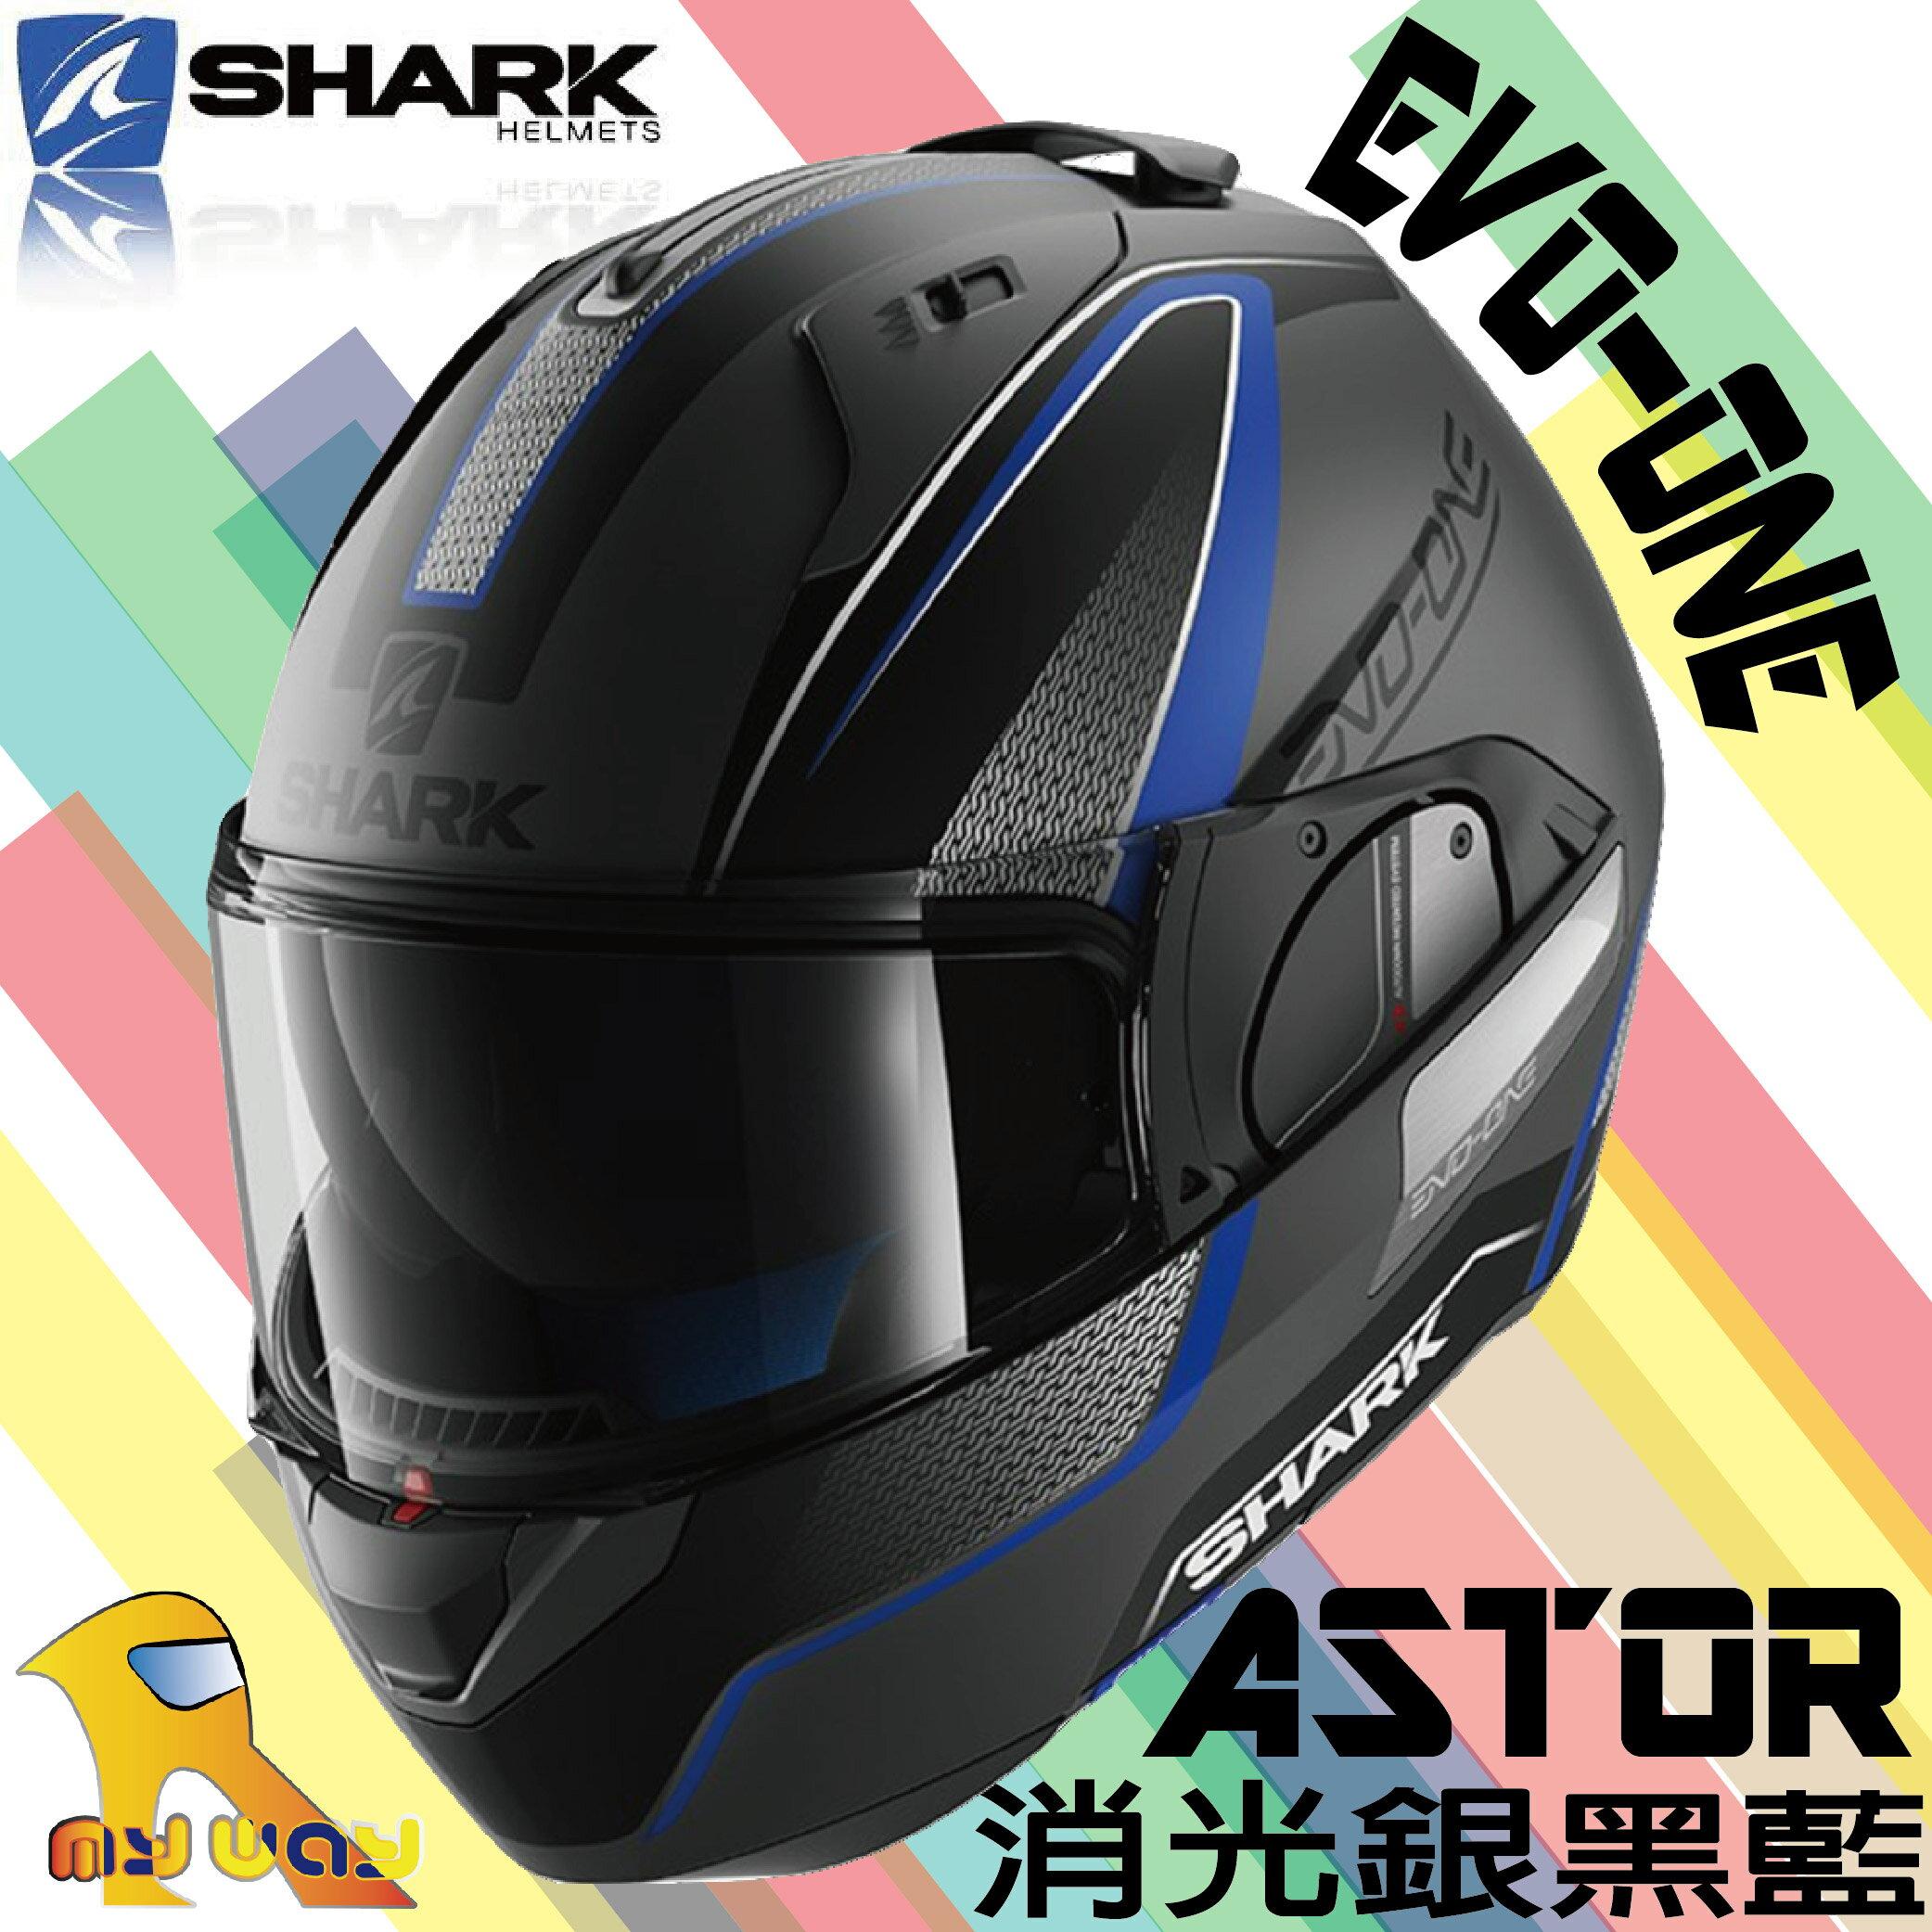 ~任我行騎士部品~SHARK EVO-ONE ASTOR 消光銀黑藍 內藏鏡片 可樂帽 汽水帽 可掀式安全帽